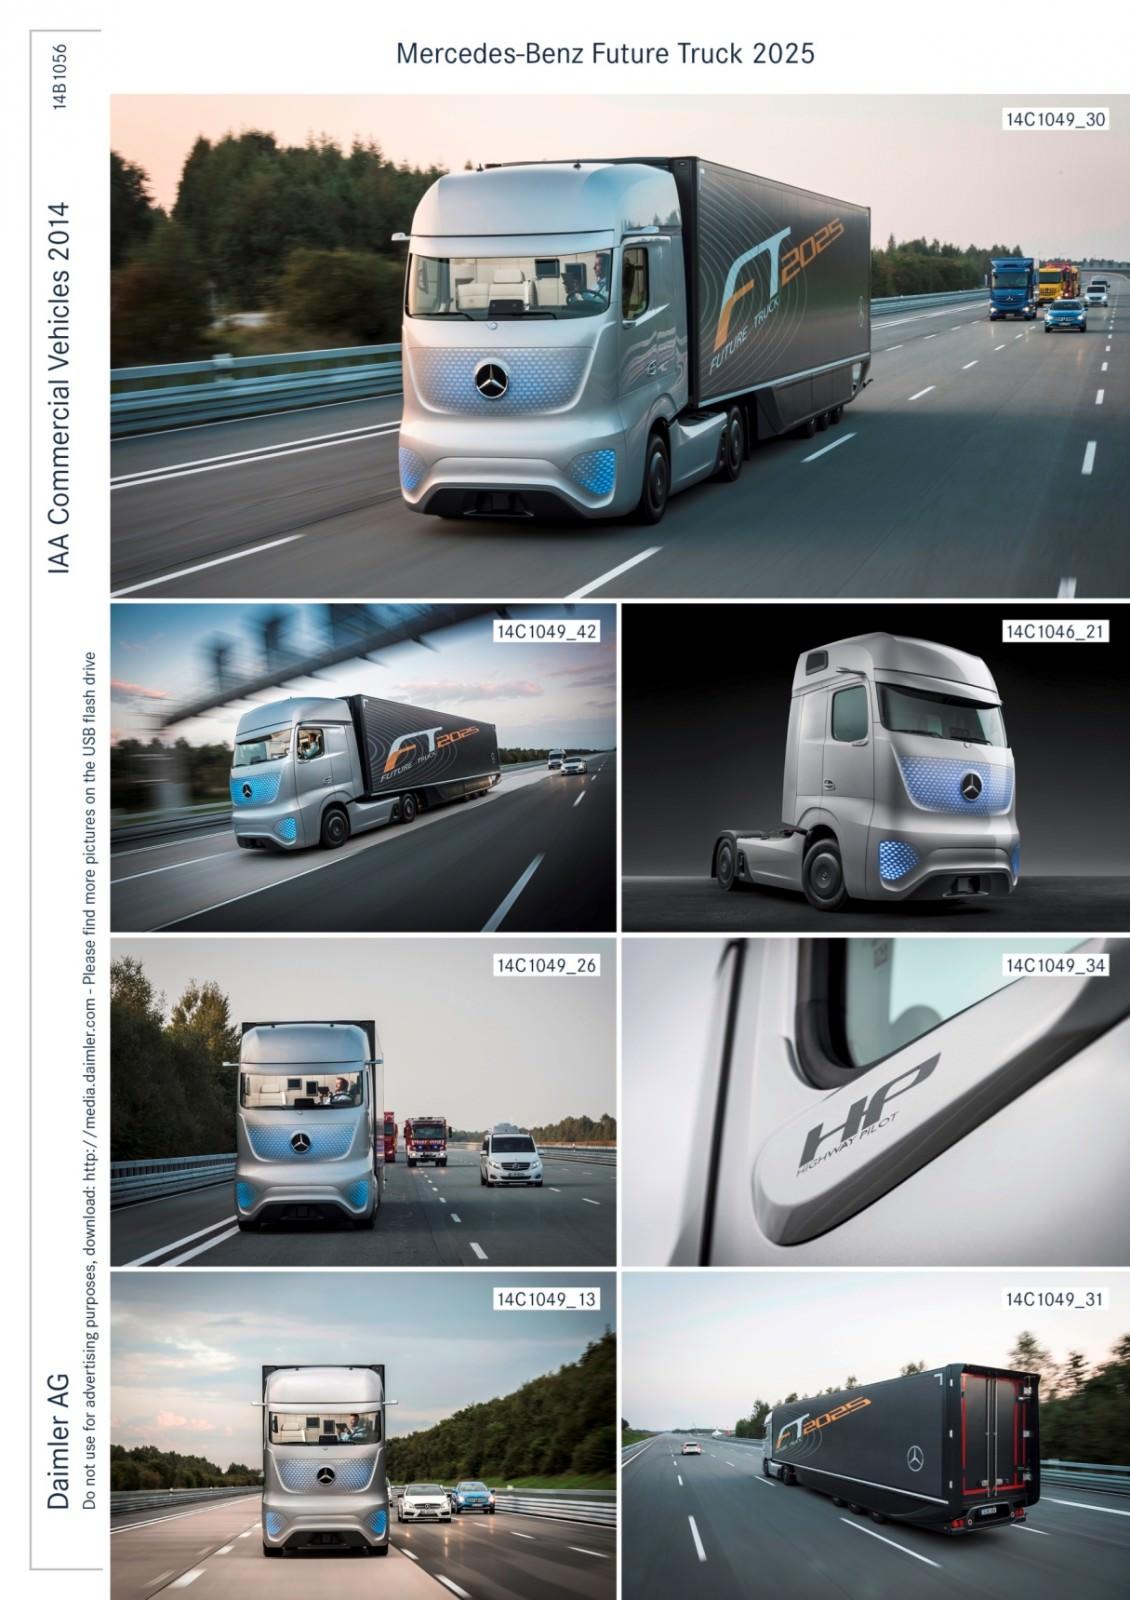 Mercedes benz ft2025 is daimler trucks new tech flagship 2 for Mercedes benz flagship car